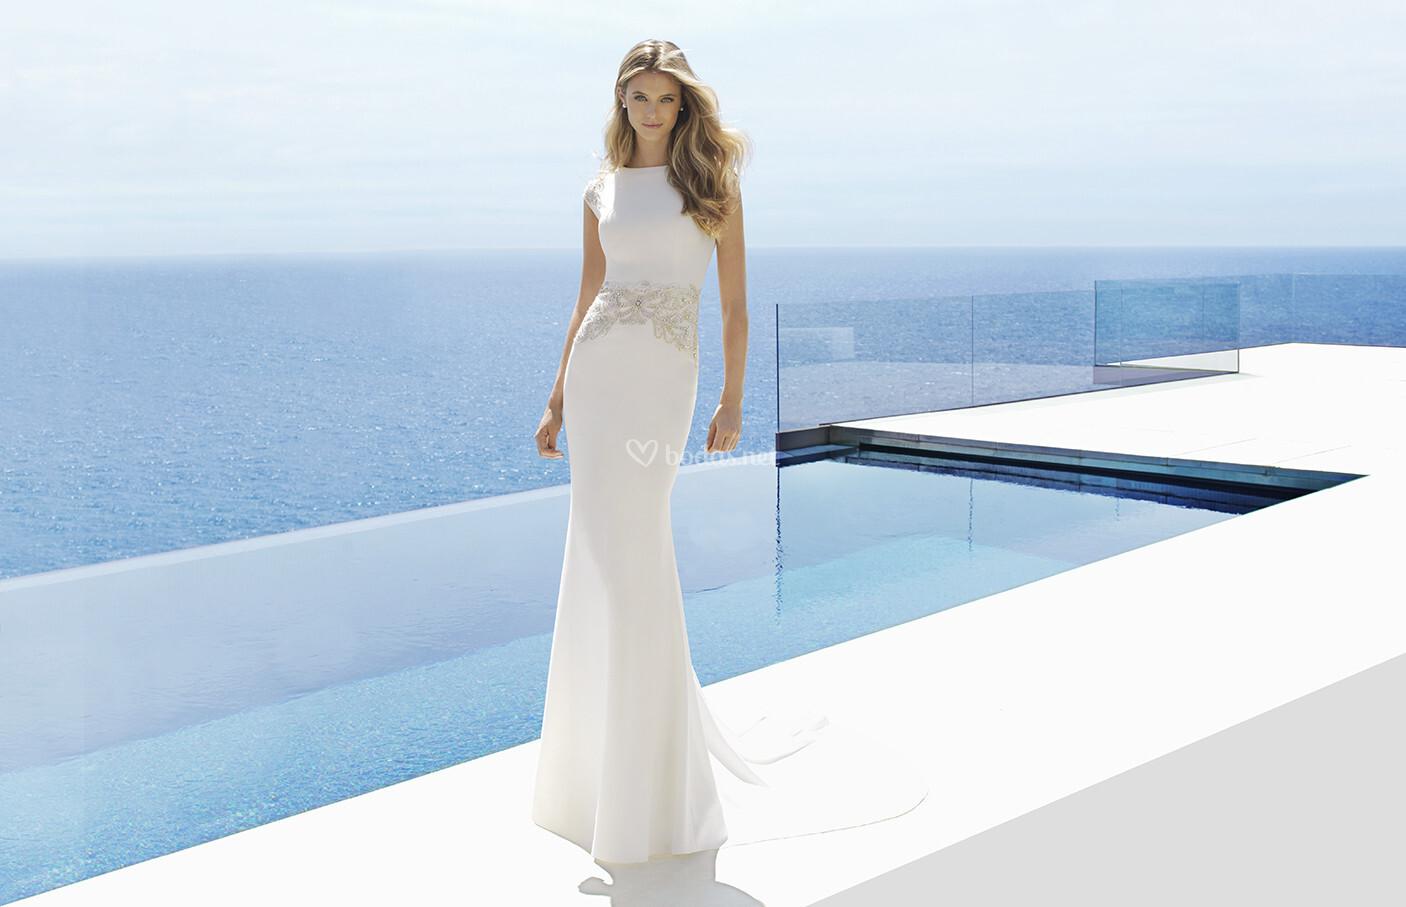 Dorable Vestido Novia Aire Composition - Womens Dresses & Gowns ...